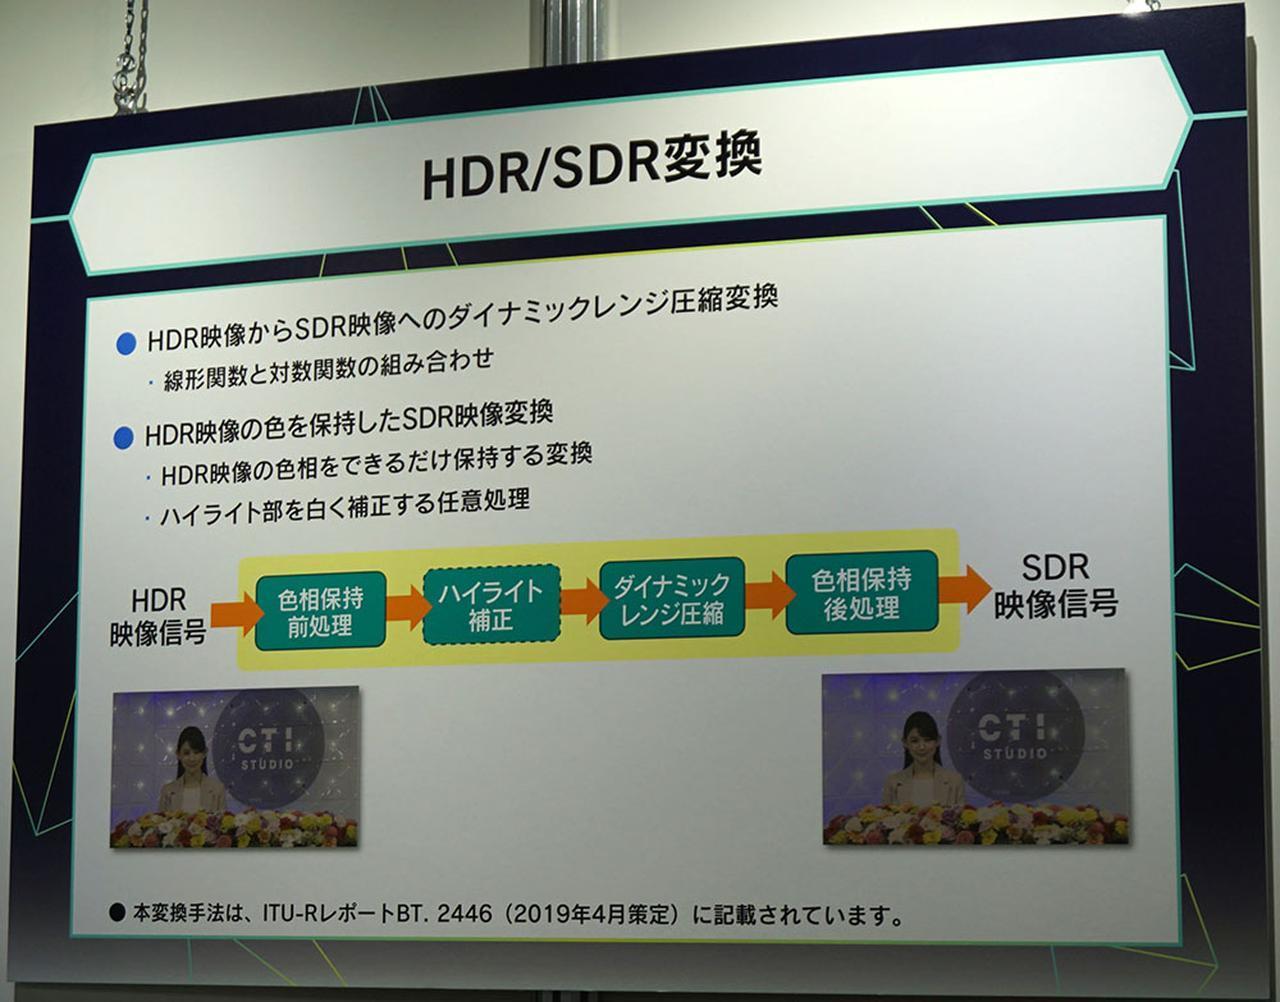 画像: HDR/SDR変換